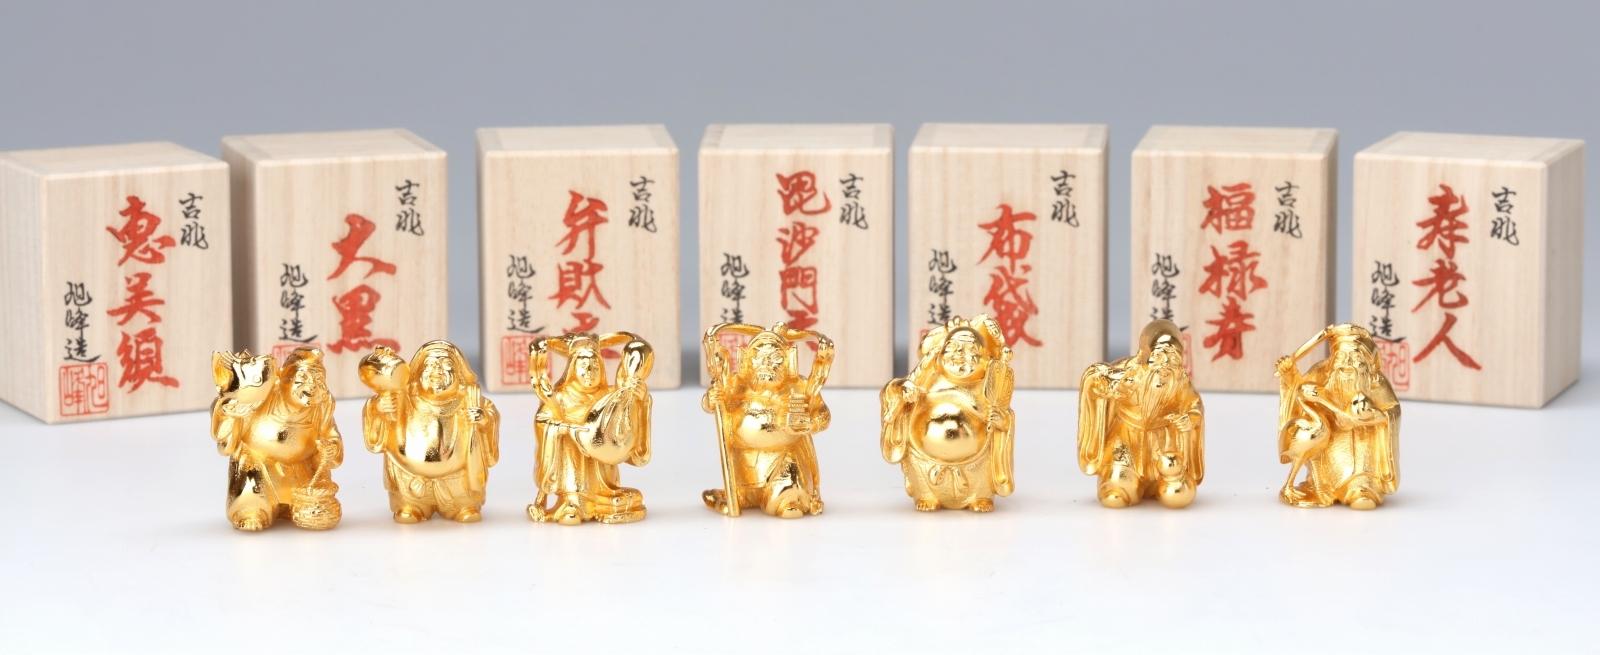 【高岡銅器】ミニ七福神セット 金メッキ